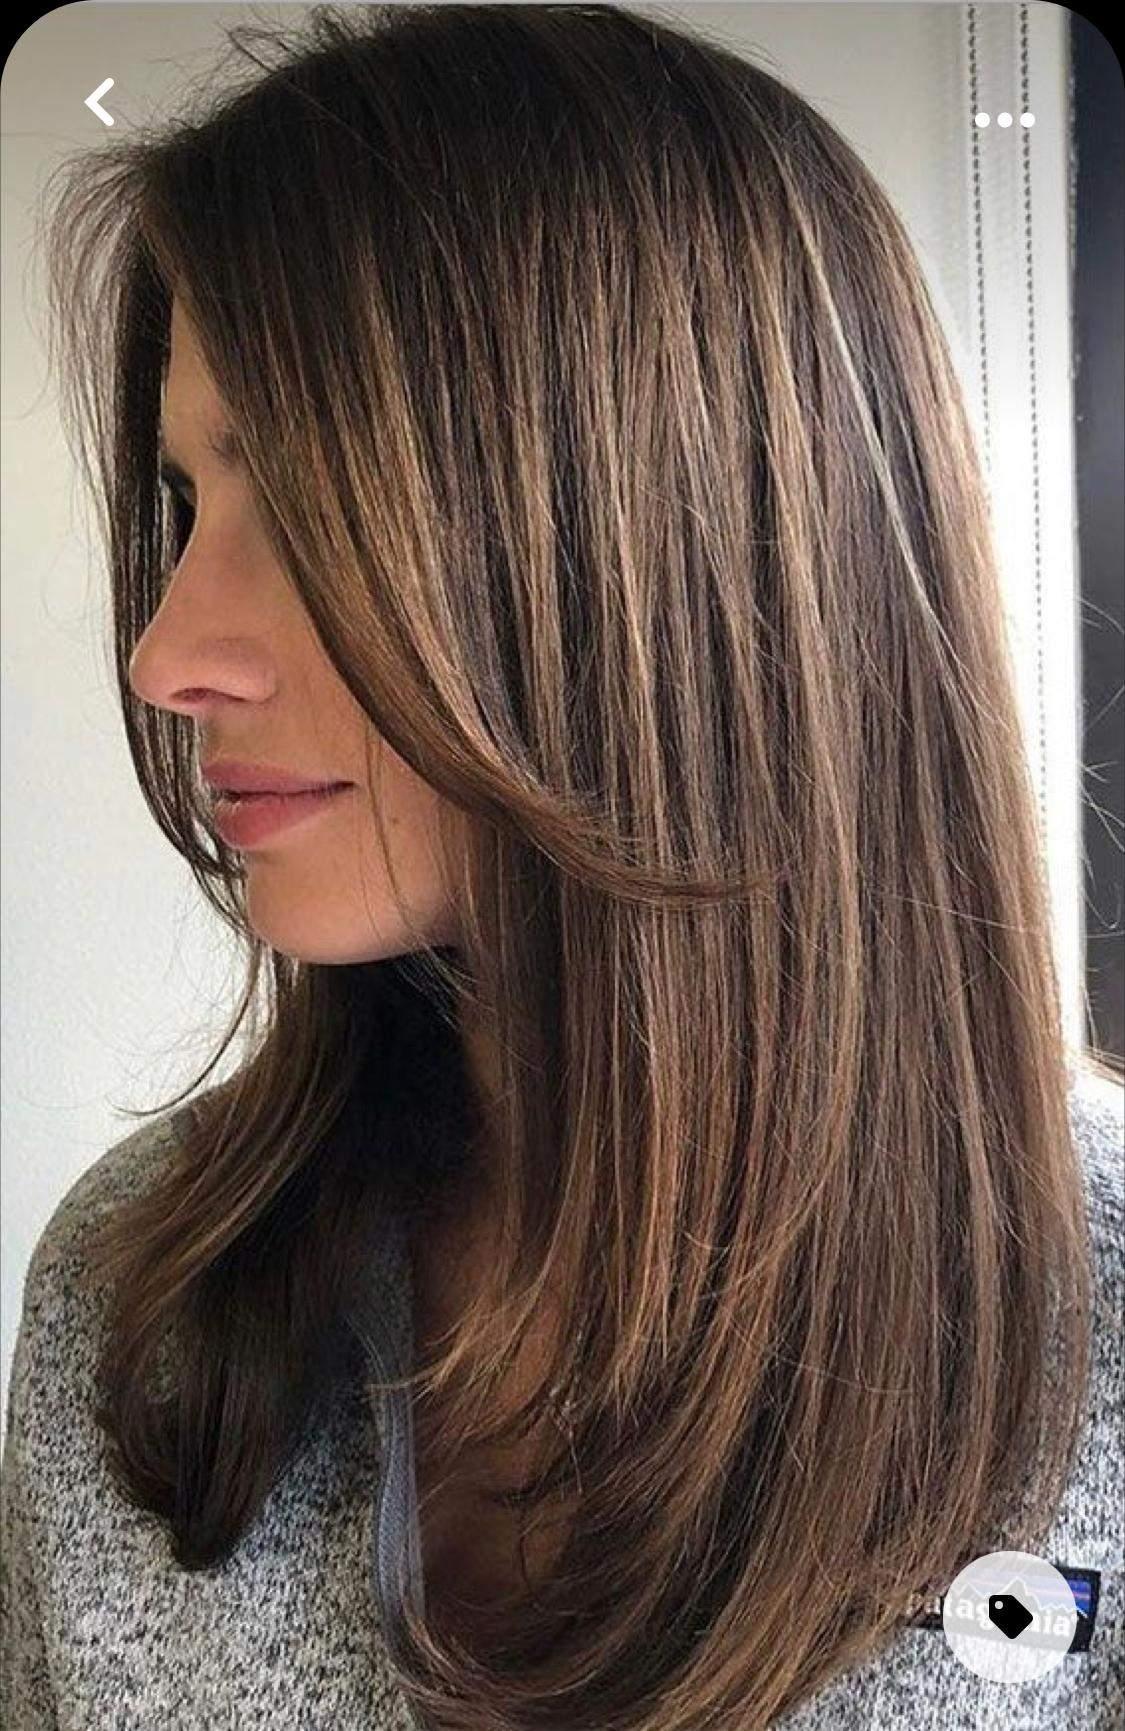 Wie style ich meine Haare so, wie auf dem Bild? (Beauty